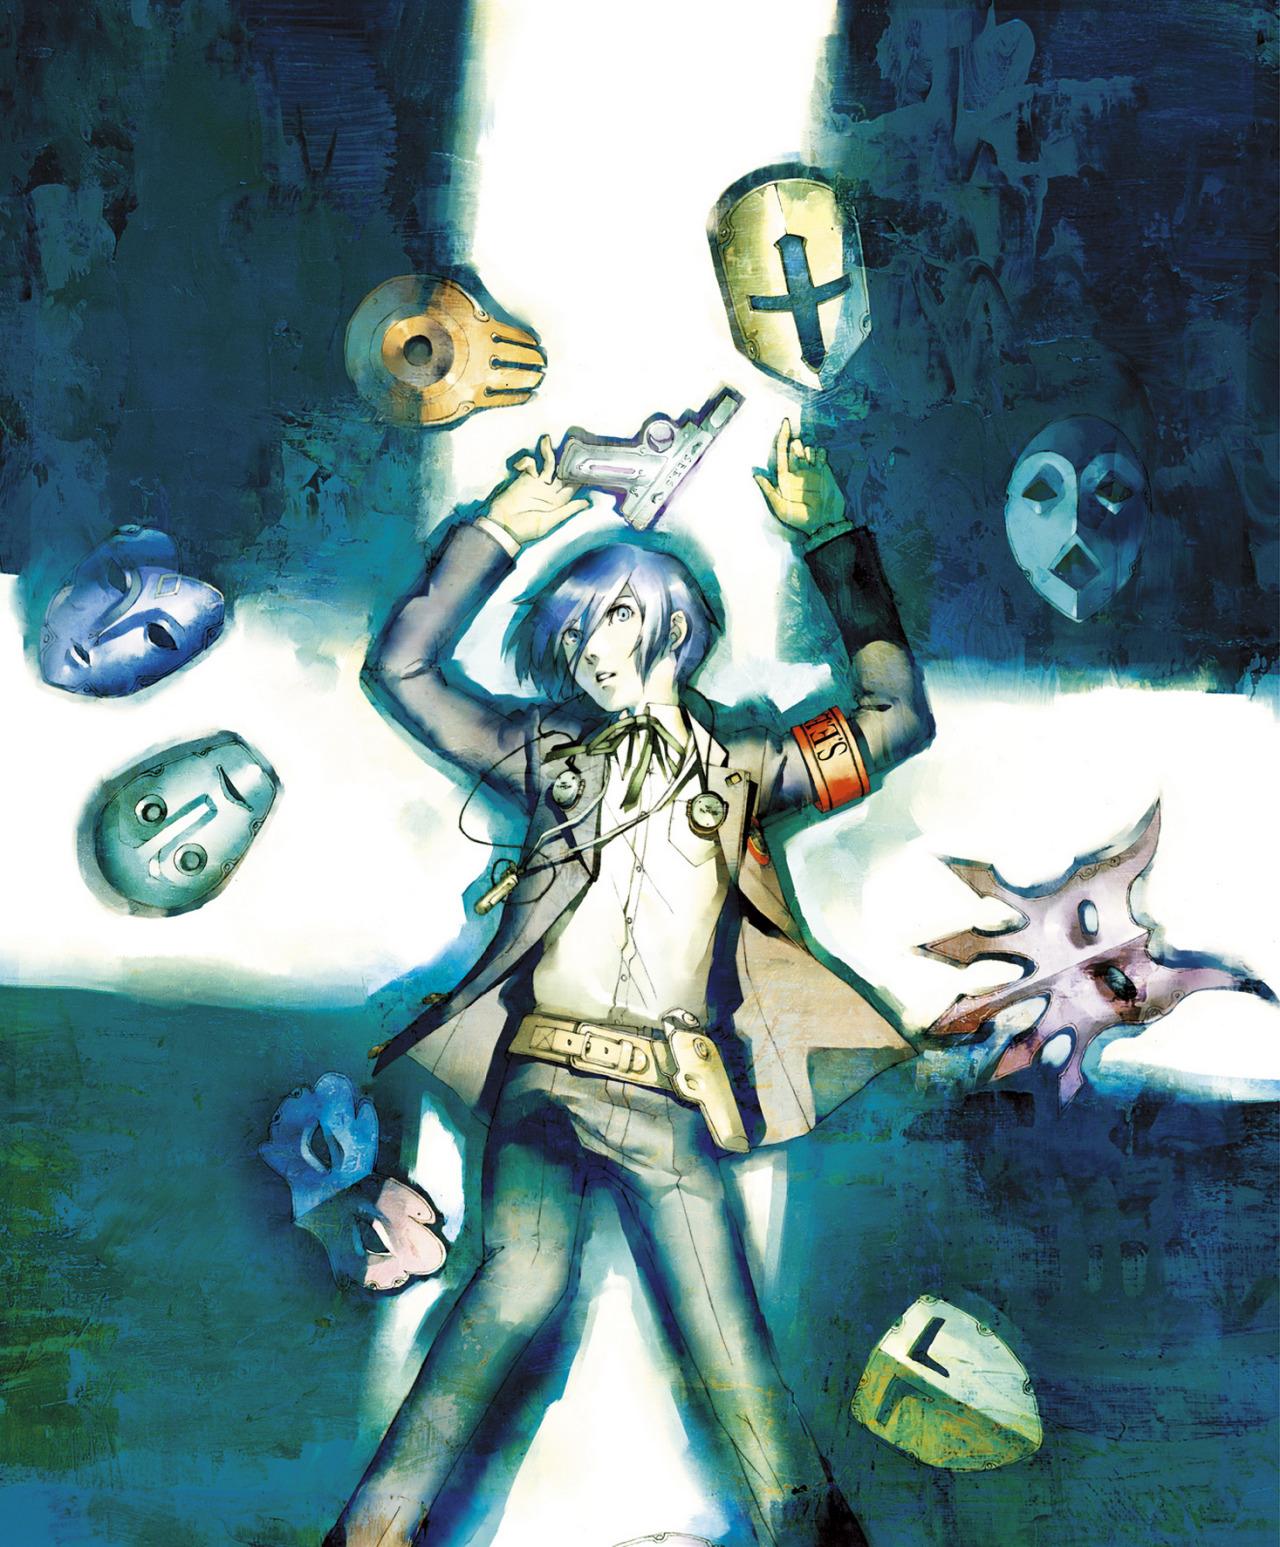 Wild Card | Megami Tensei Wiki | FANDOM powered by Wikia